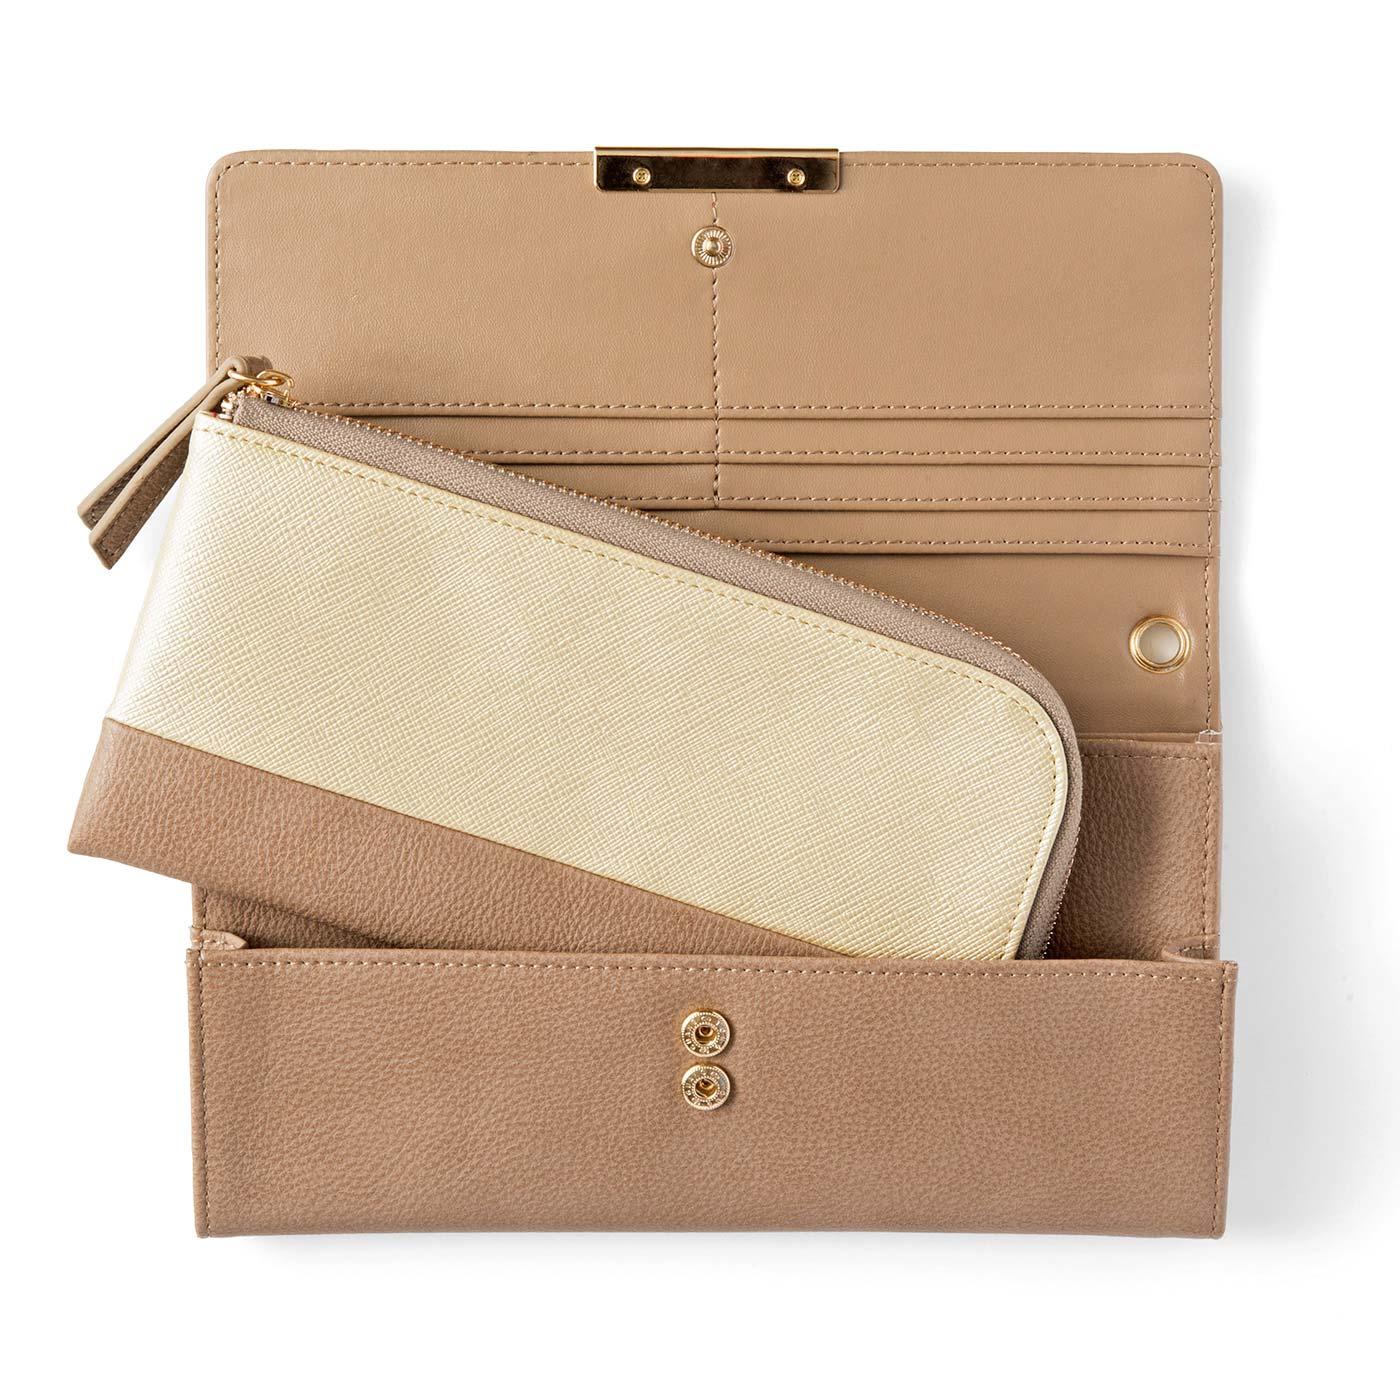 〔ふたつの財布を同時持ち〕手前のポケットに小さい財布をセットできます。